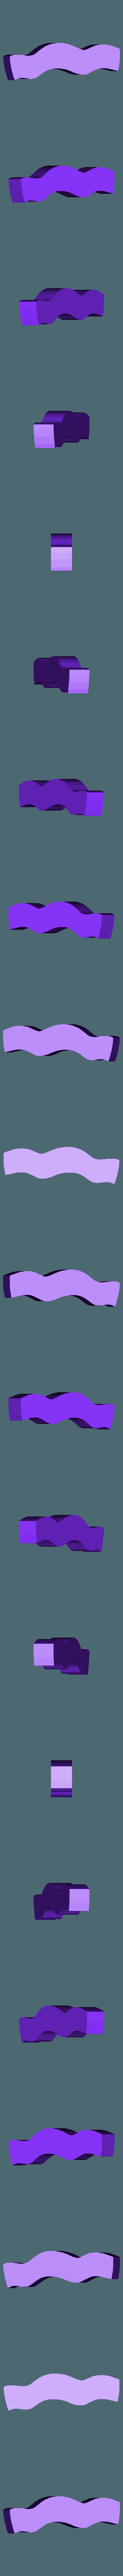 oeufs bleu 2.stl Télécharger fichier STL gratuit œufs de Pâques multicolore • Modèle pour imprimante 3D, catf3d